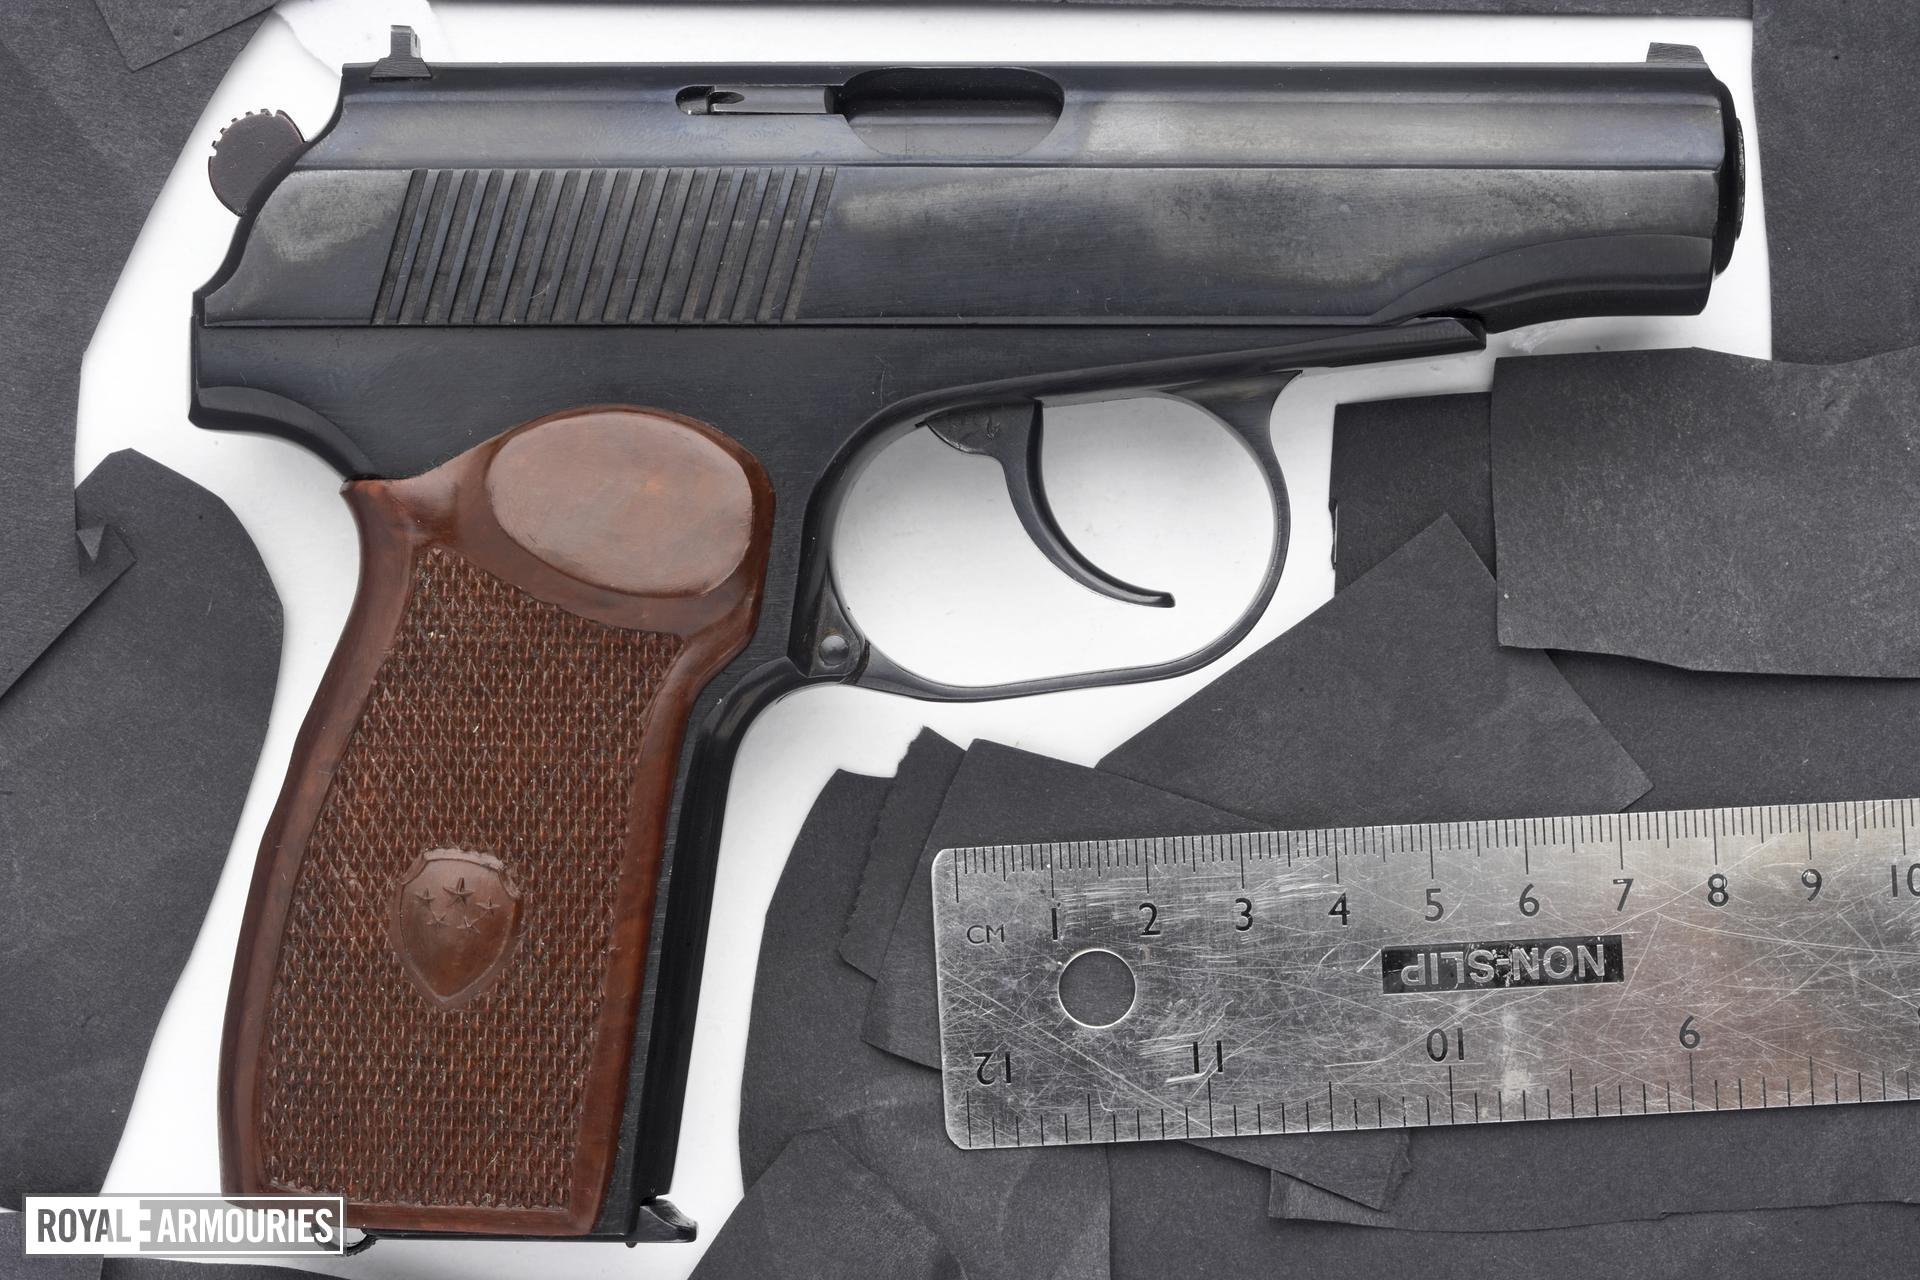 Centrefire self-loading pistol - Makarov Type 59 Centrefire self-loading pistol, Makarov Type 59, China, made 1962